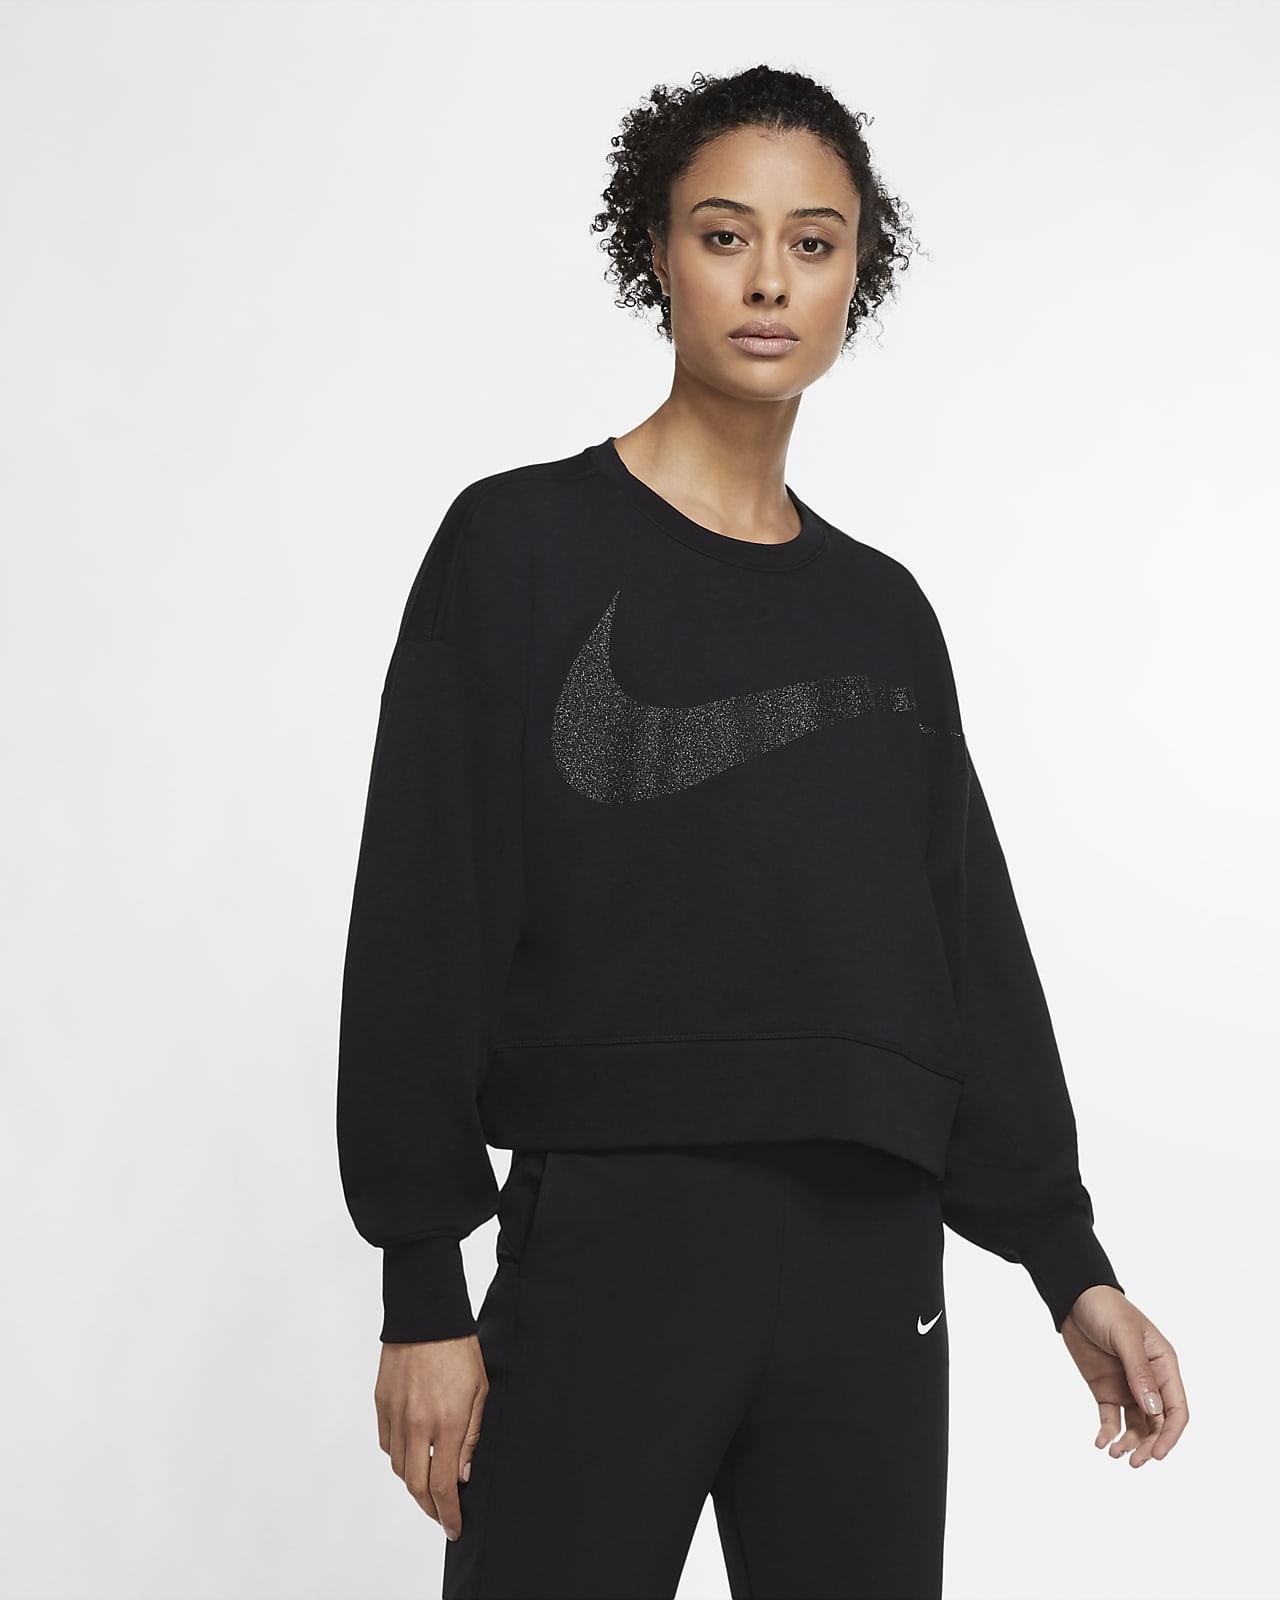 Haut de training scintillant en tissu Fleece Nike Dri-FIT Get Fit pour Femme